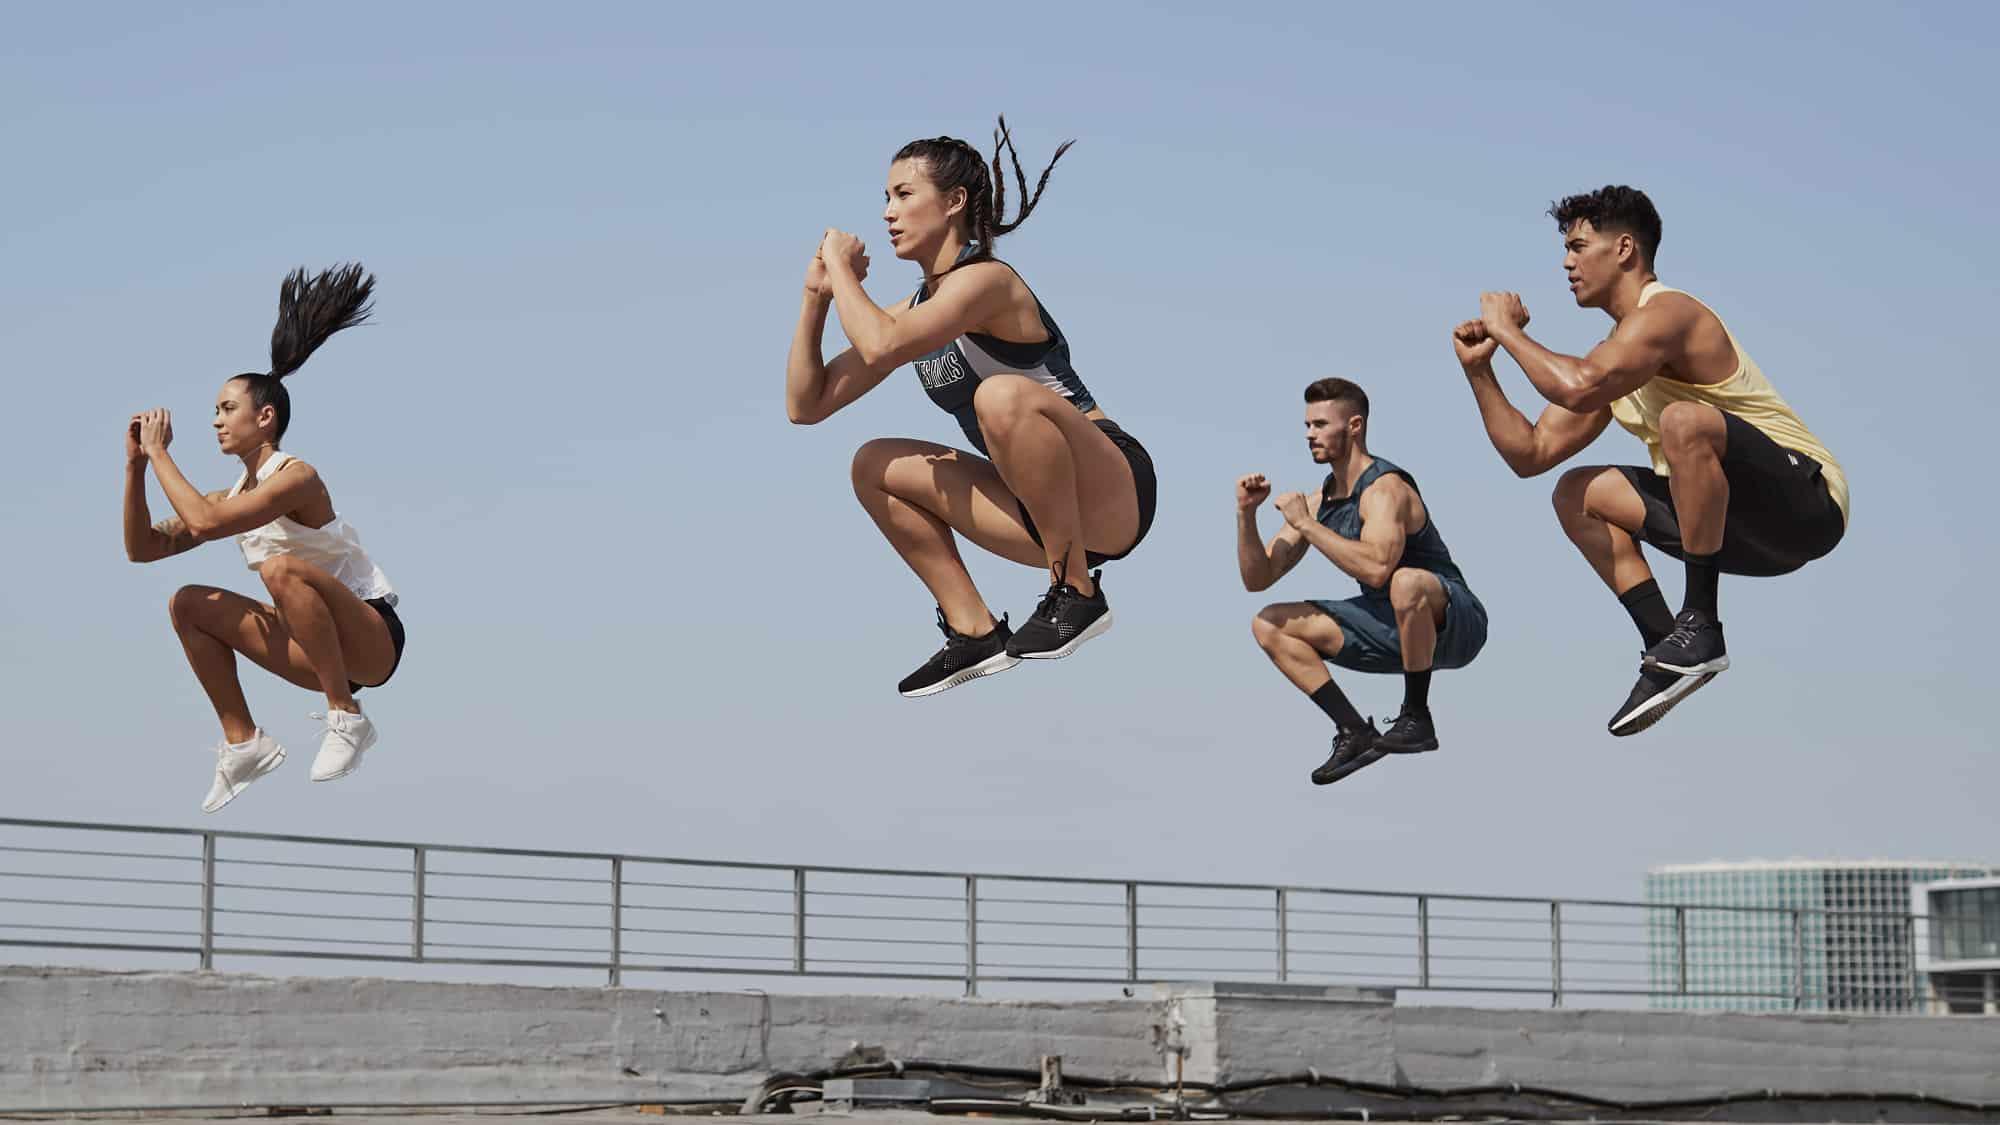 Les 5 bénéfices des Tuck Jumps